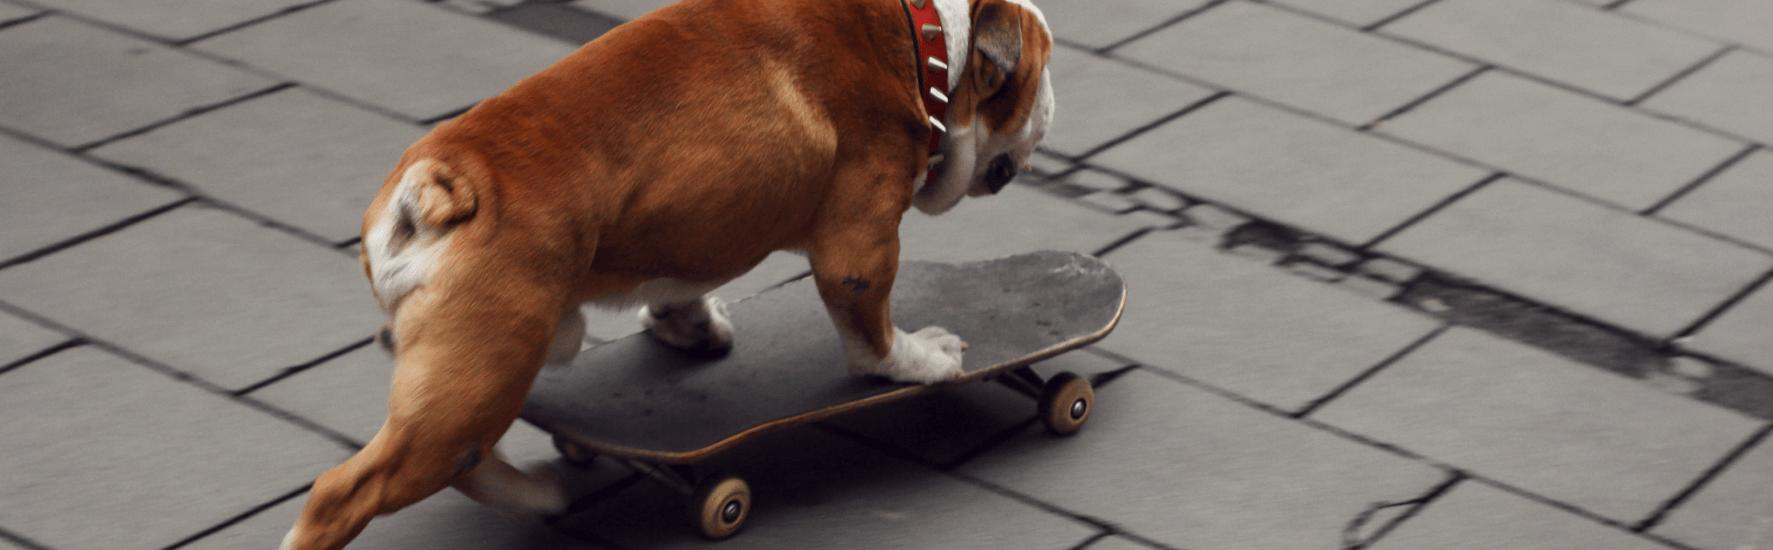 7 idėjos, kaip vasarą sportuoti su šunimi